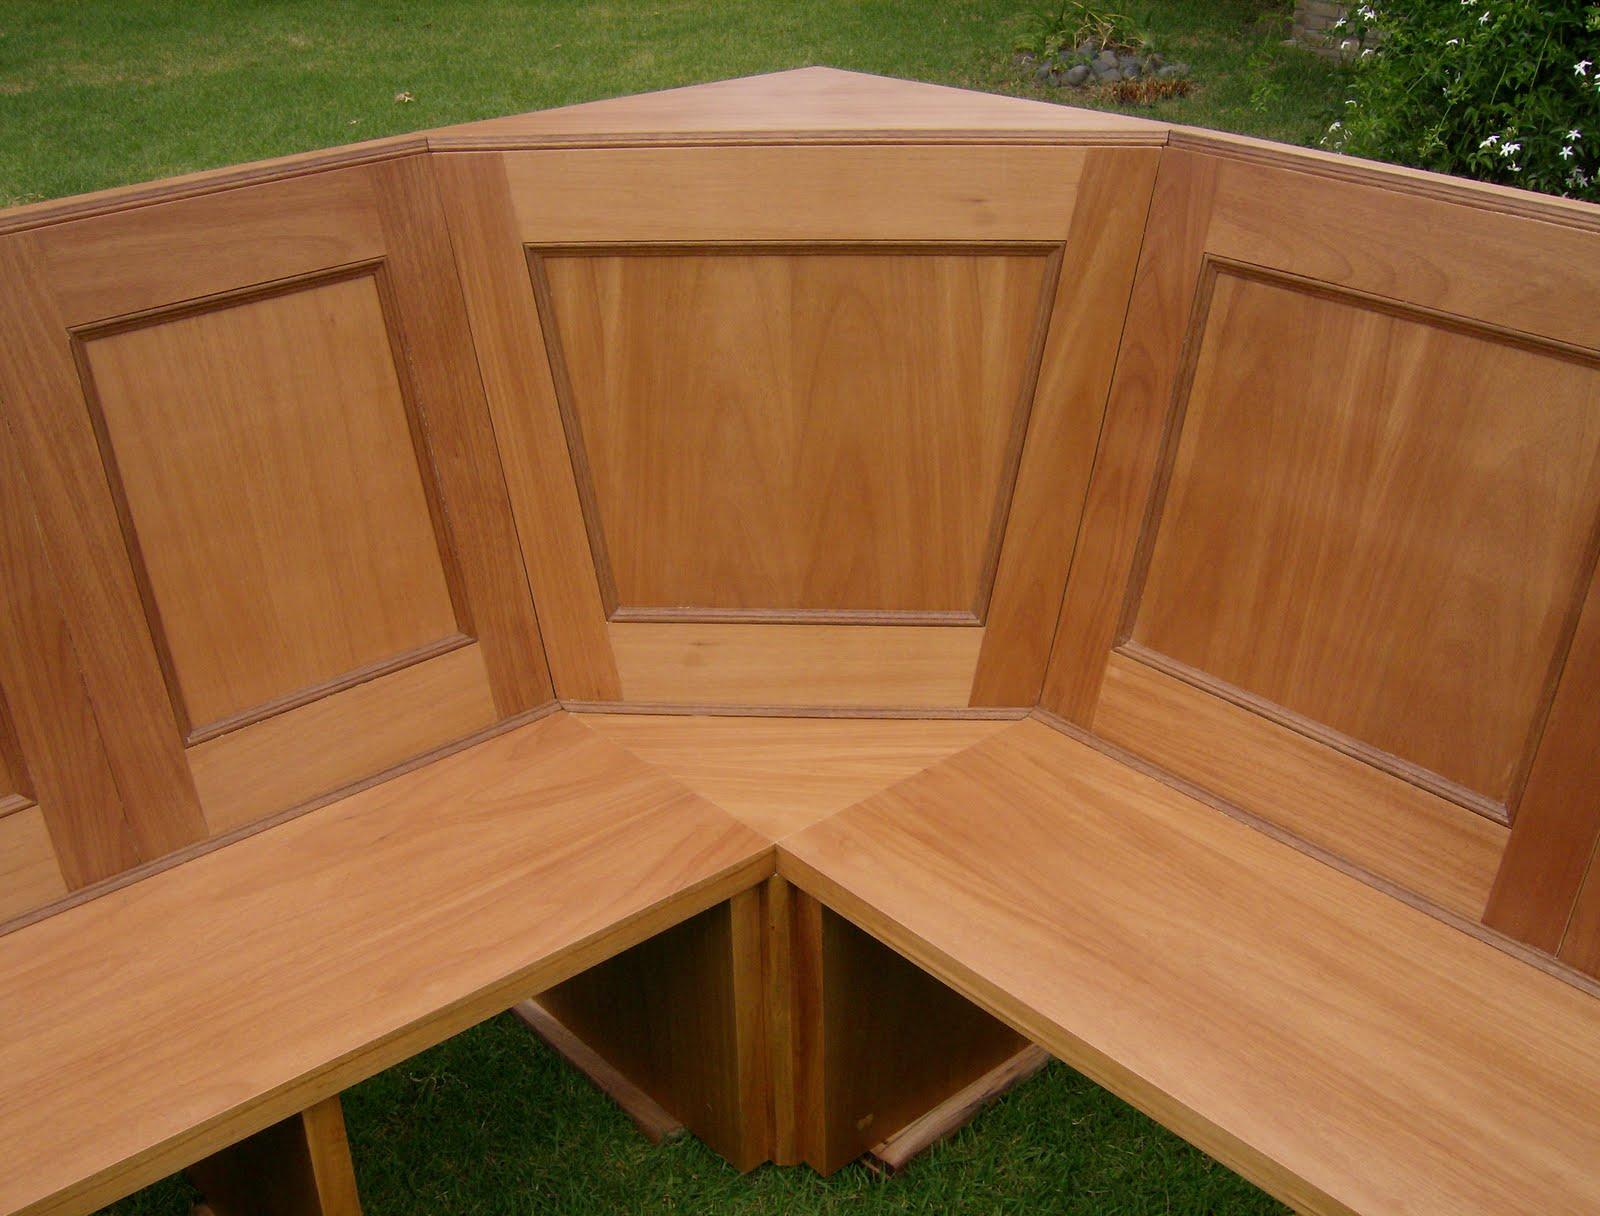 Cluber carpinteria mesa y esquinero enchapado en cedro for Mesa de esquinero